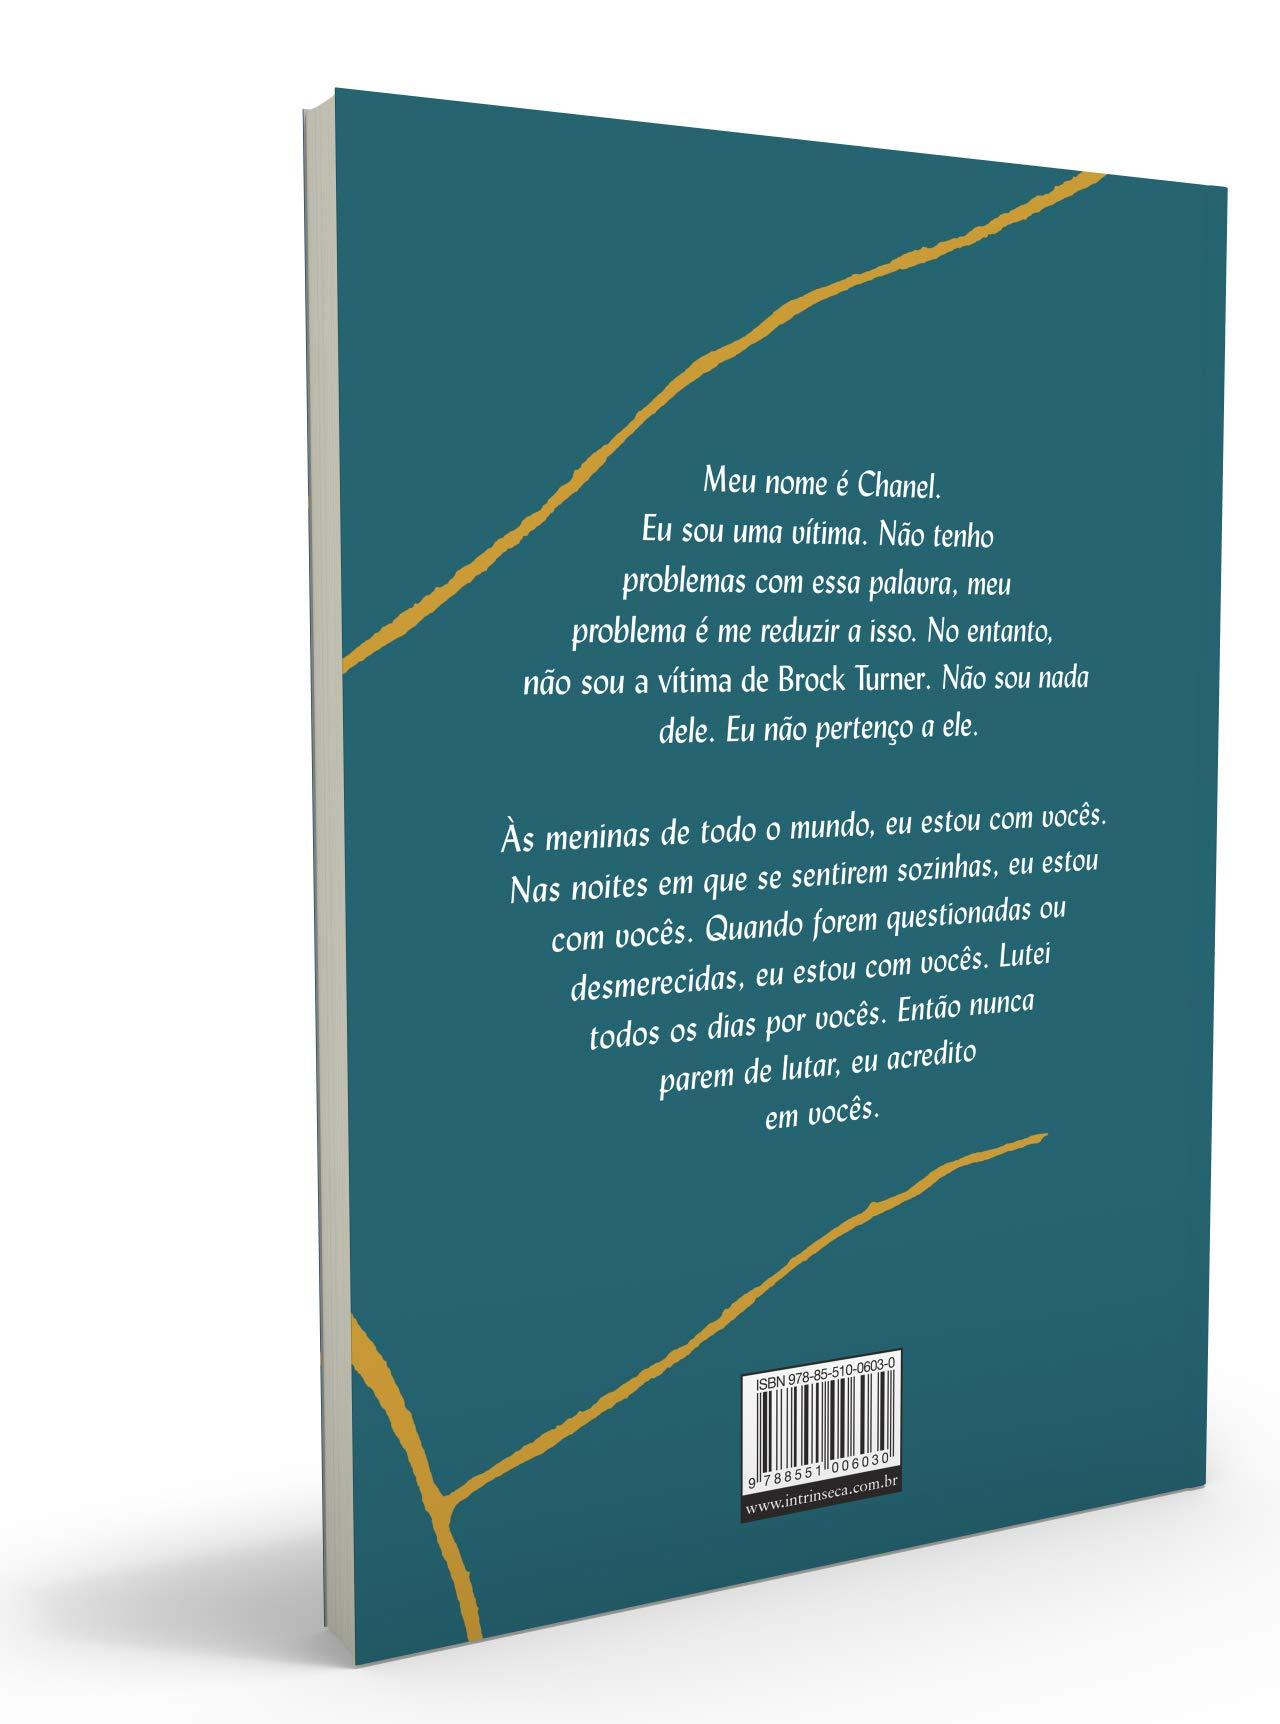 Livro 'Eu Tenho um Nome' por Chanel Miller